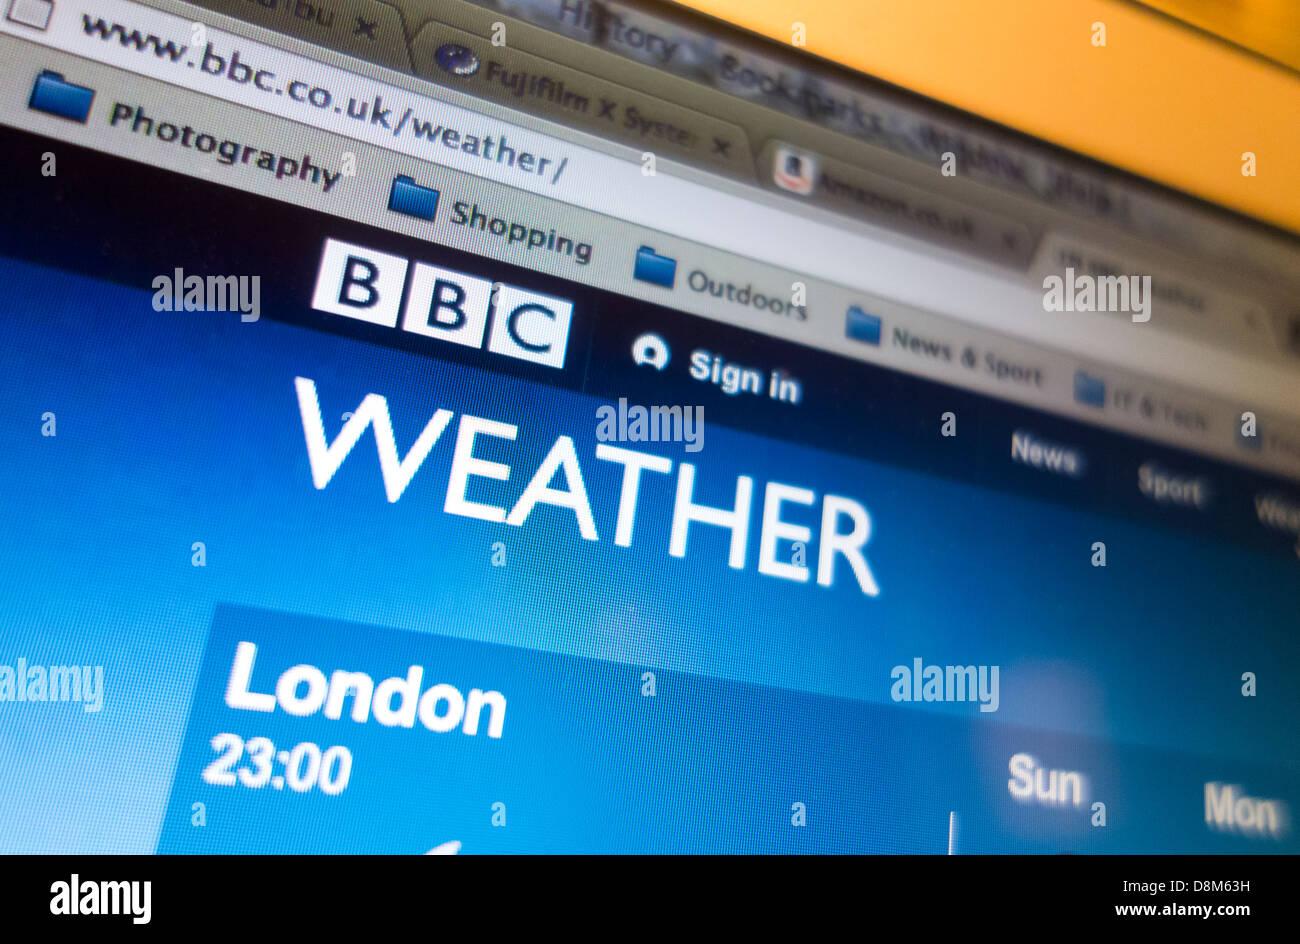 Bbc weather homepage Imagen De Stock